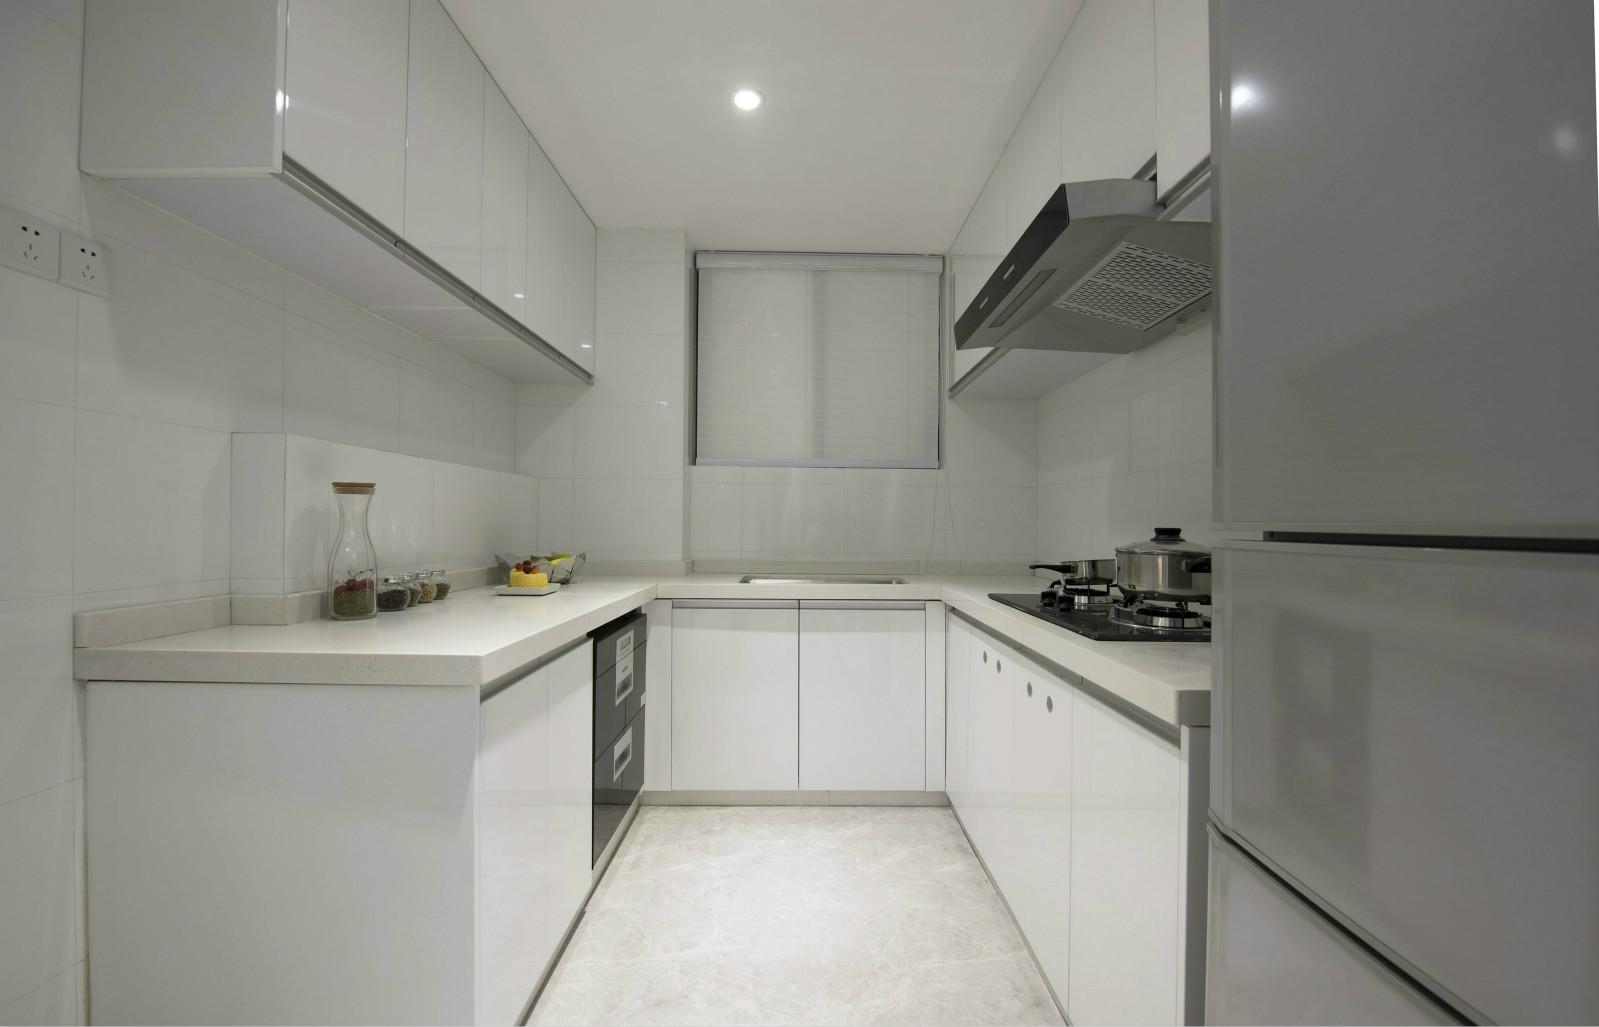 厨房整个墙面是以瓷砖镶嵌而成,自然而简,很是别致。